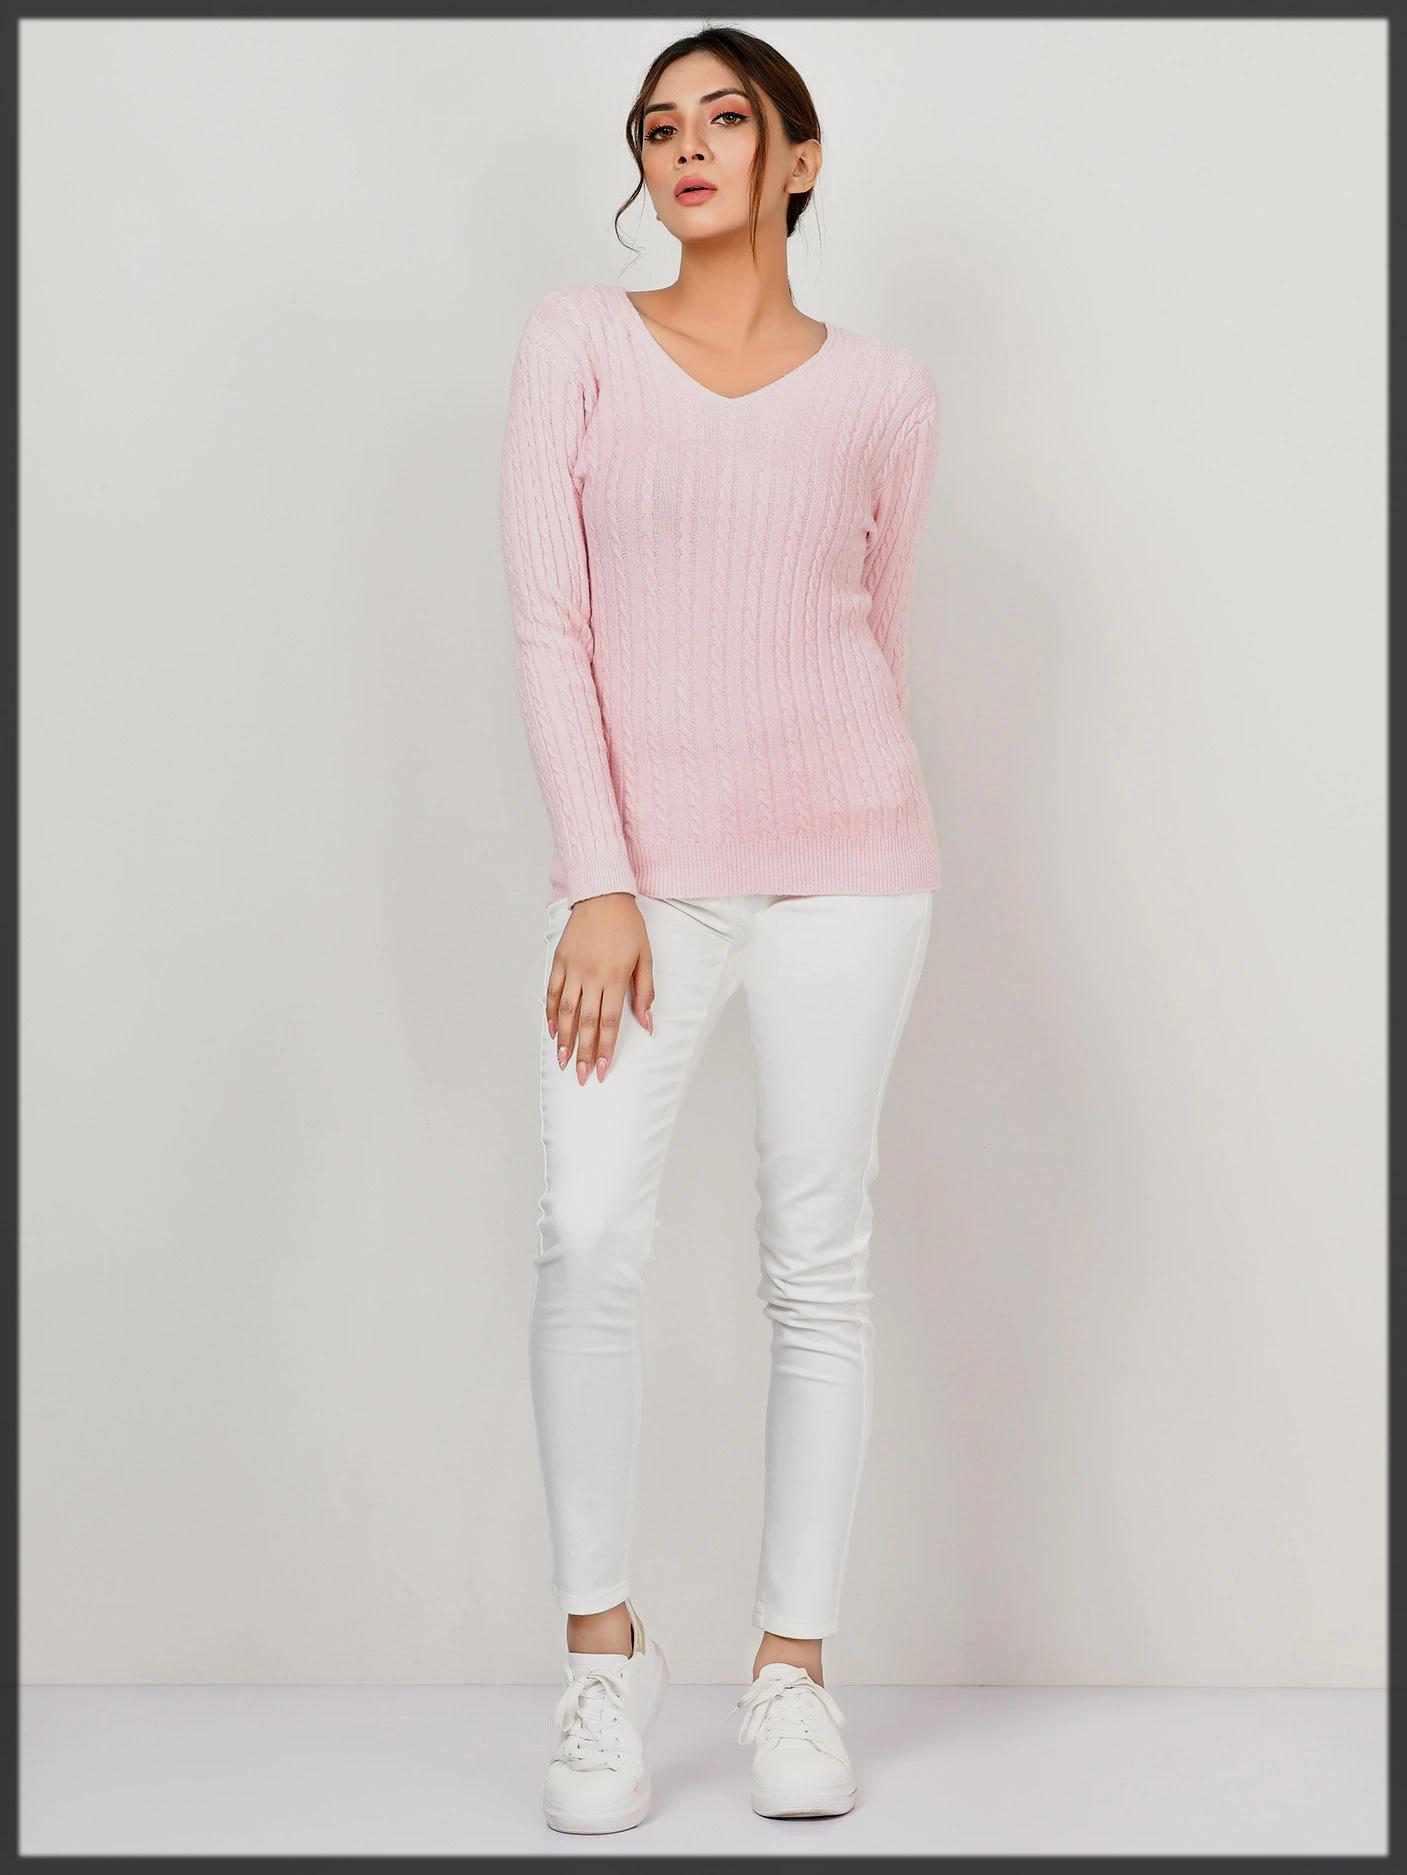 appealing sweater for women